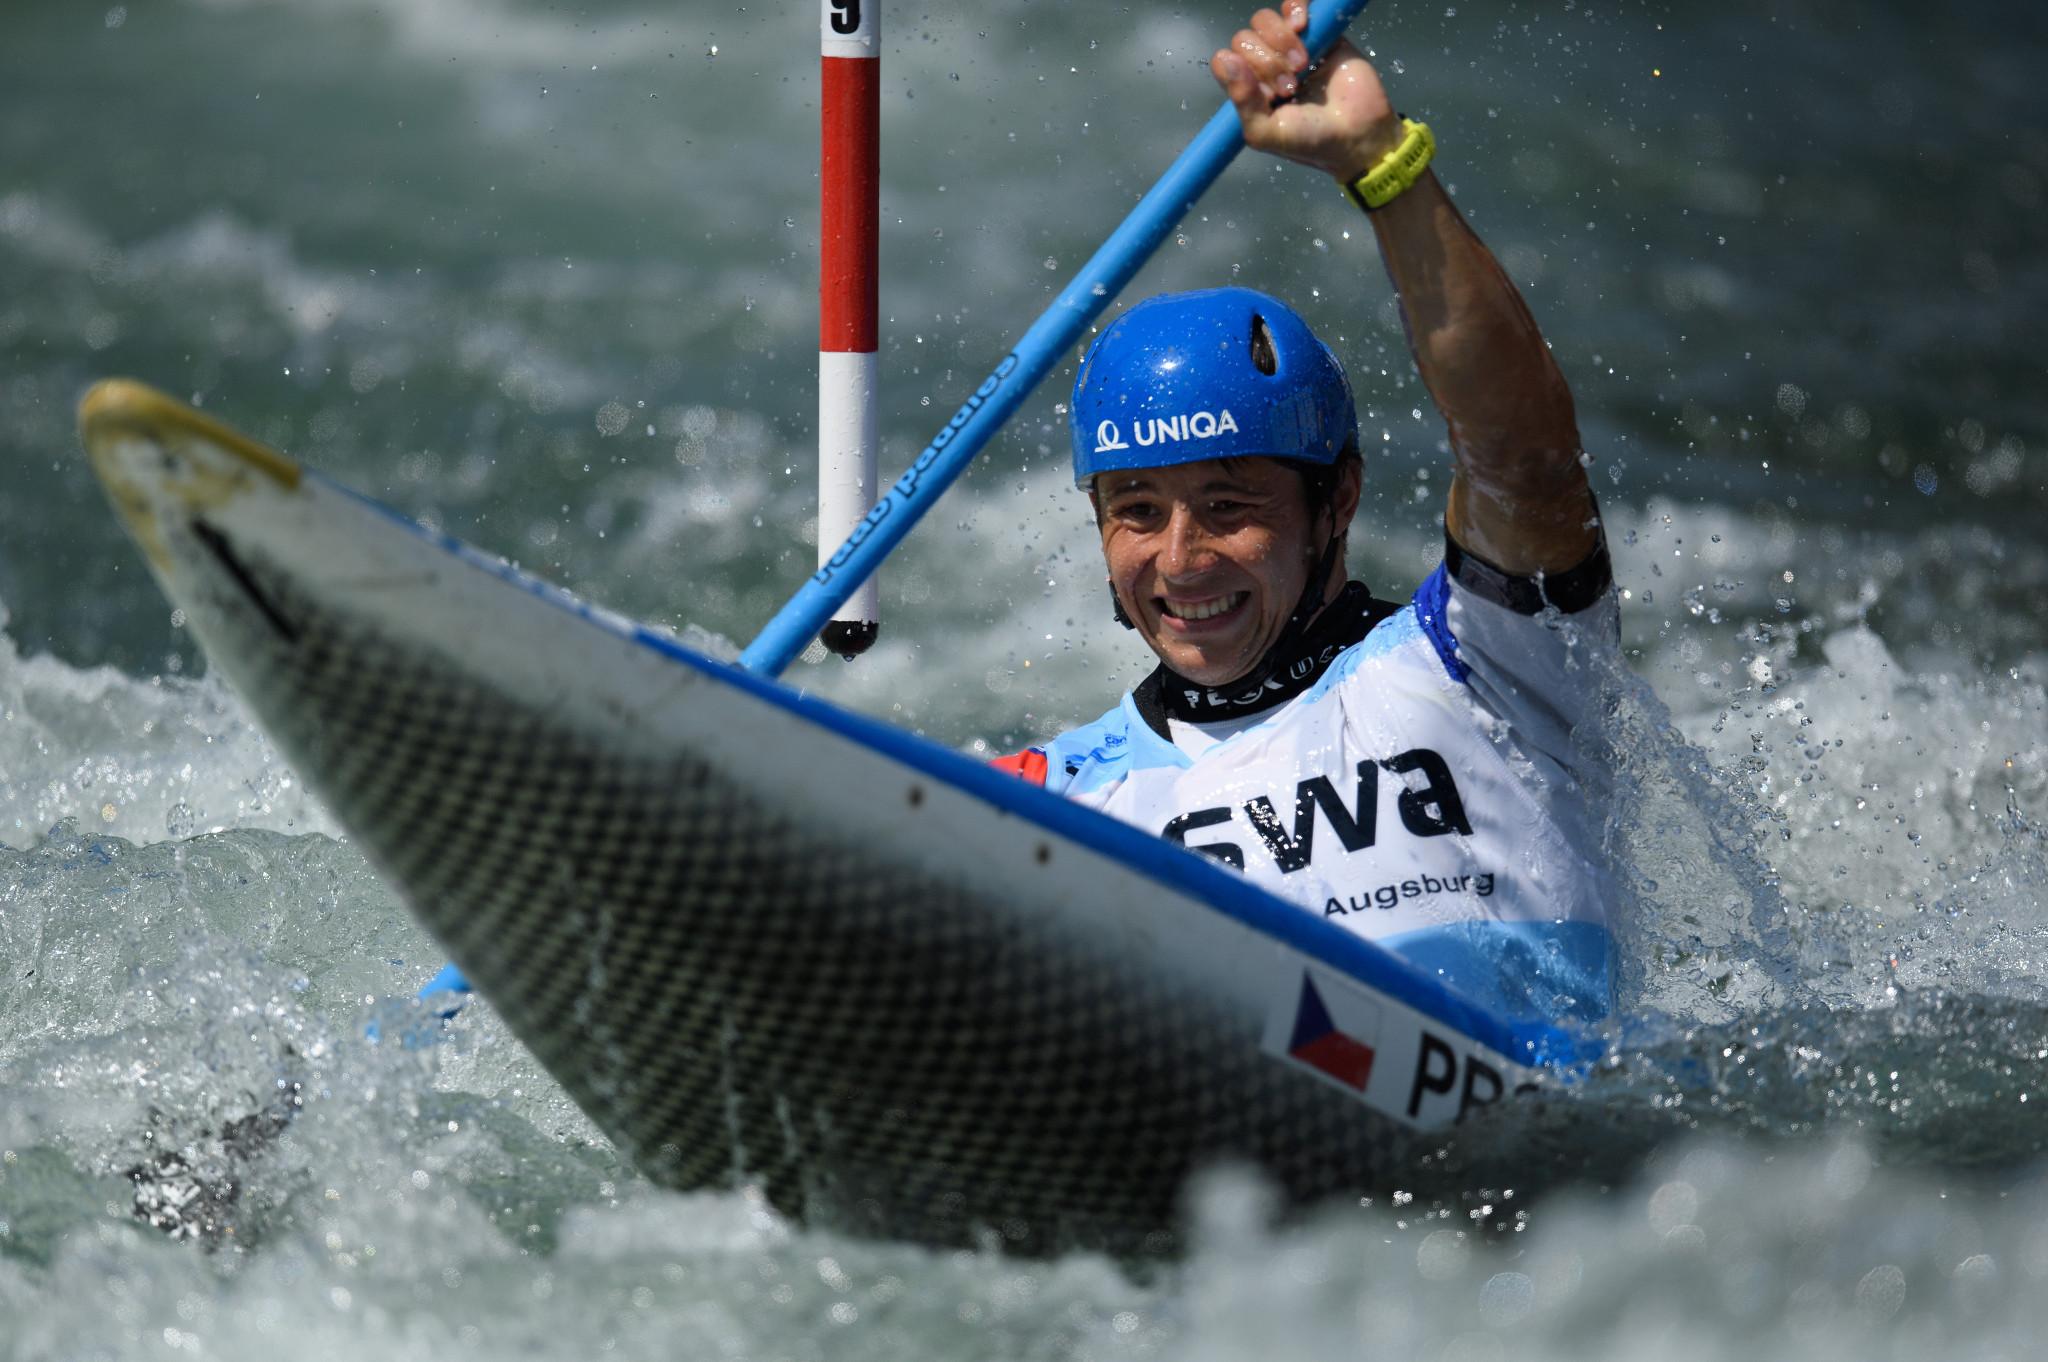 Olympic bronze medallist Jiří Prskavec of the Czech Republic leads the men's K1 standings ©Getty Images